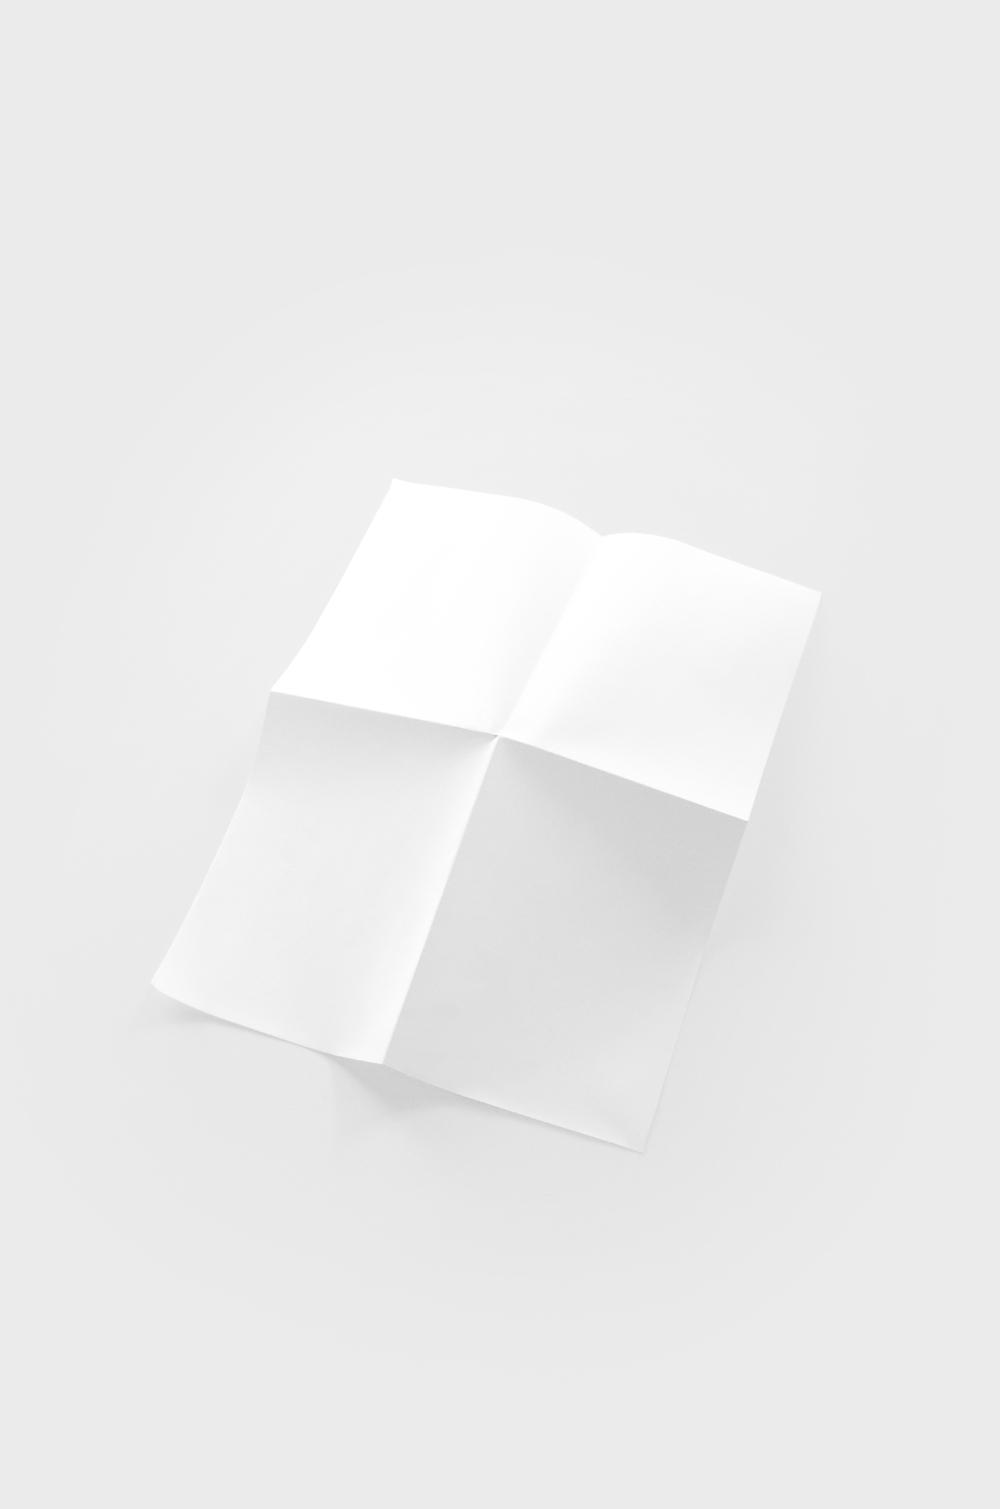 20121104-DSC_0210-Neutral (Page)web.jpg